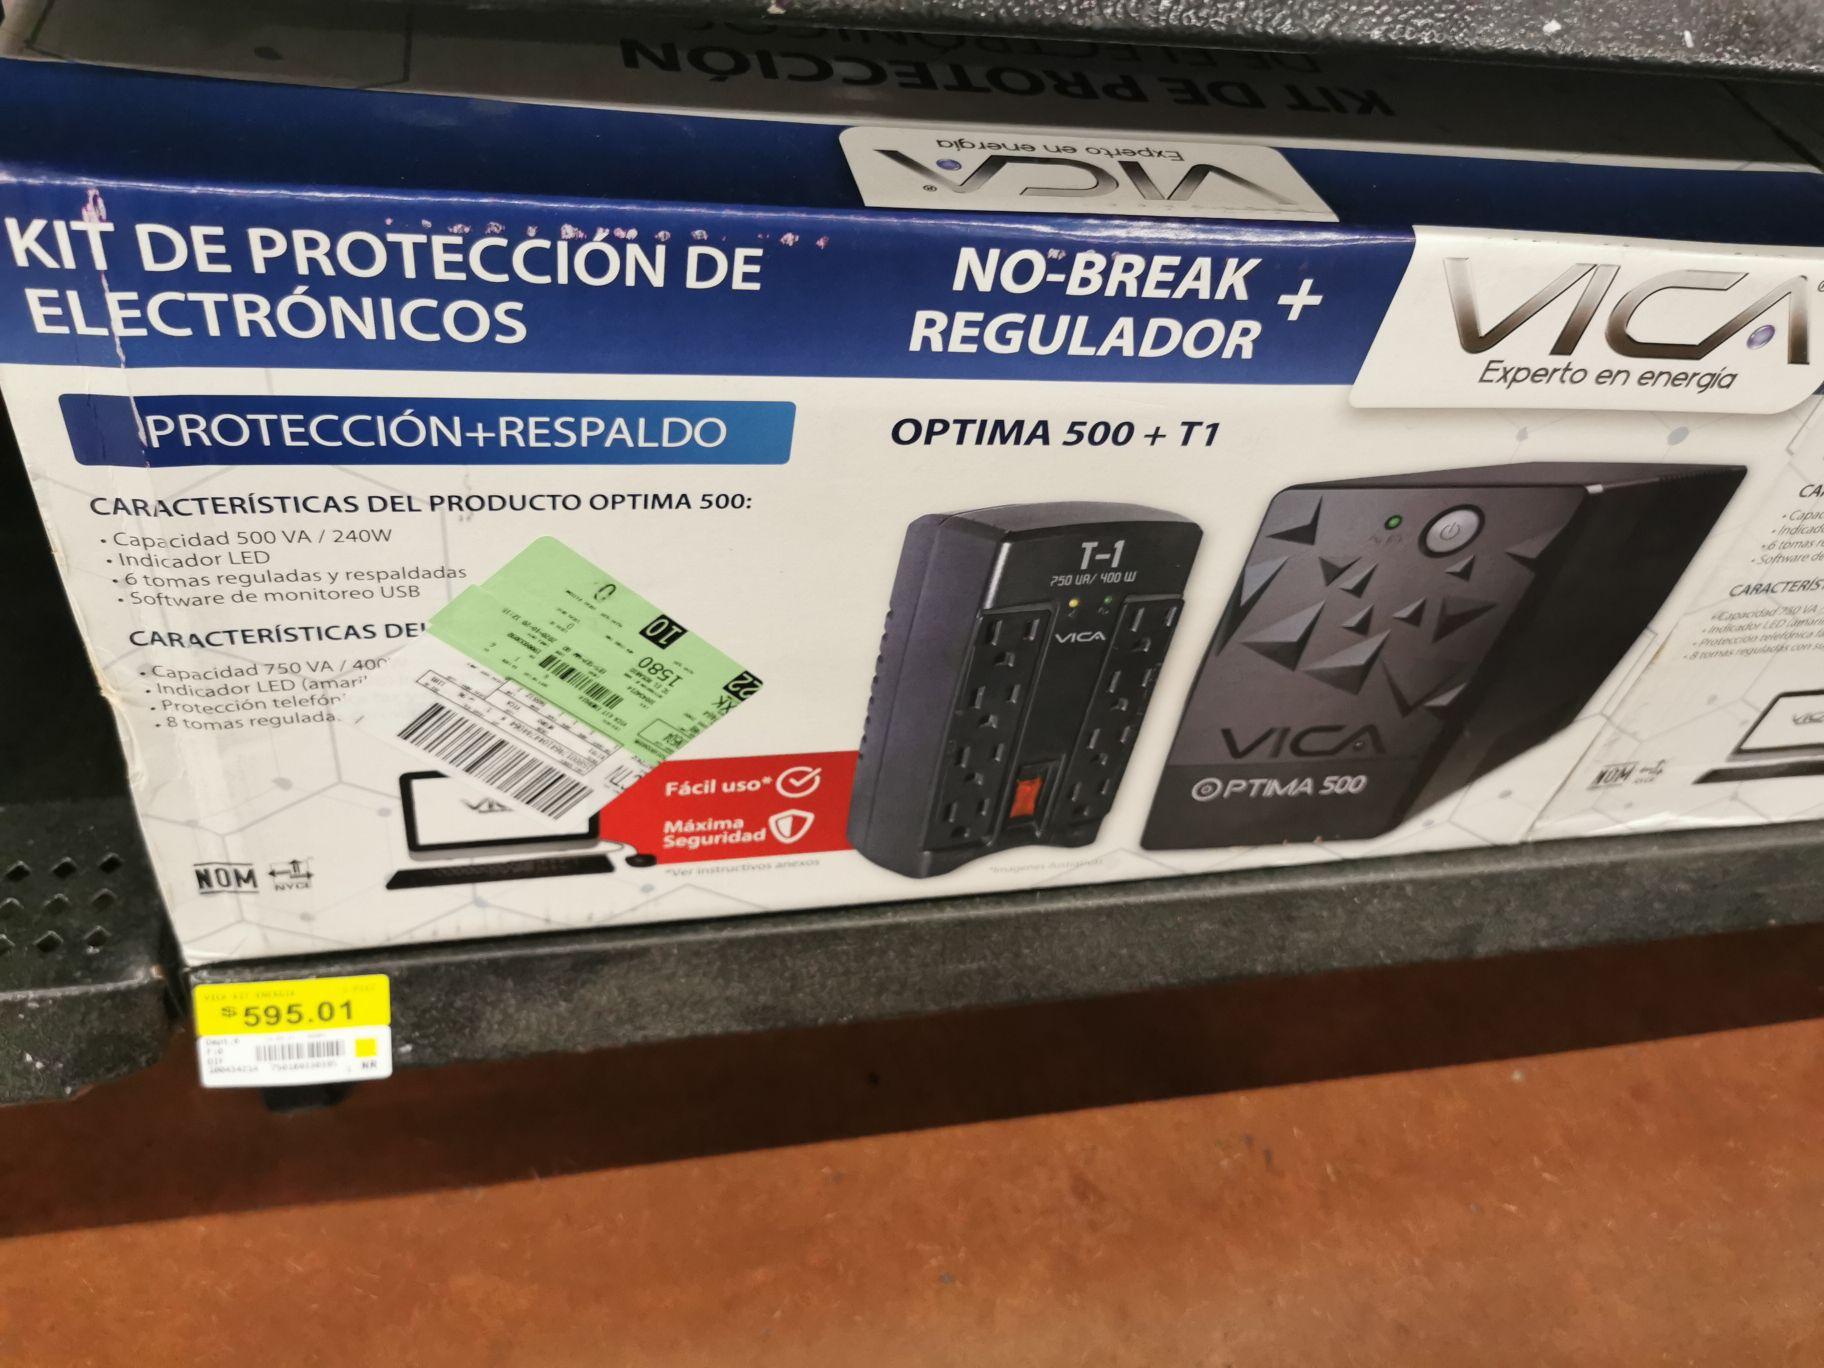 Walmart: No Break más regulador Vica